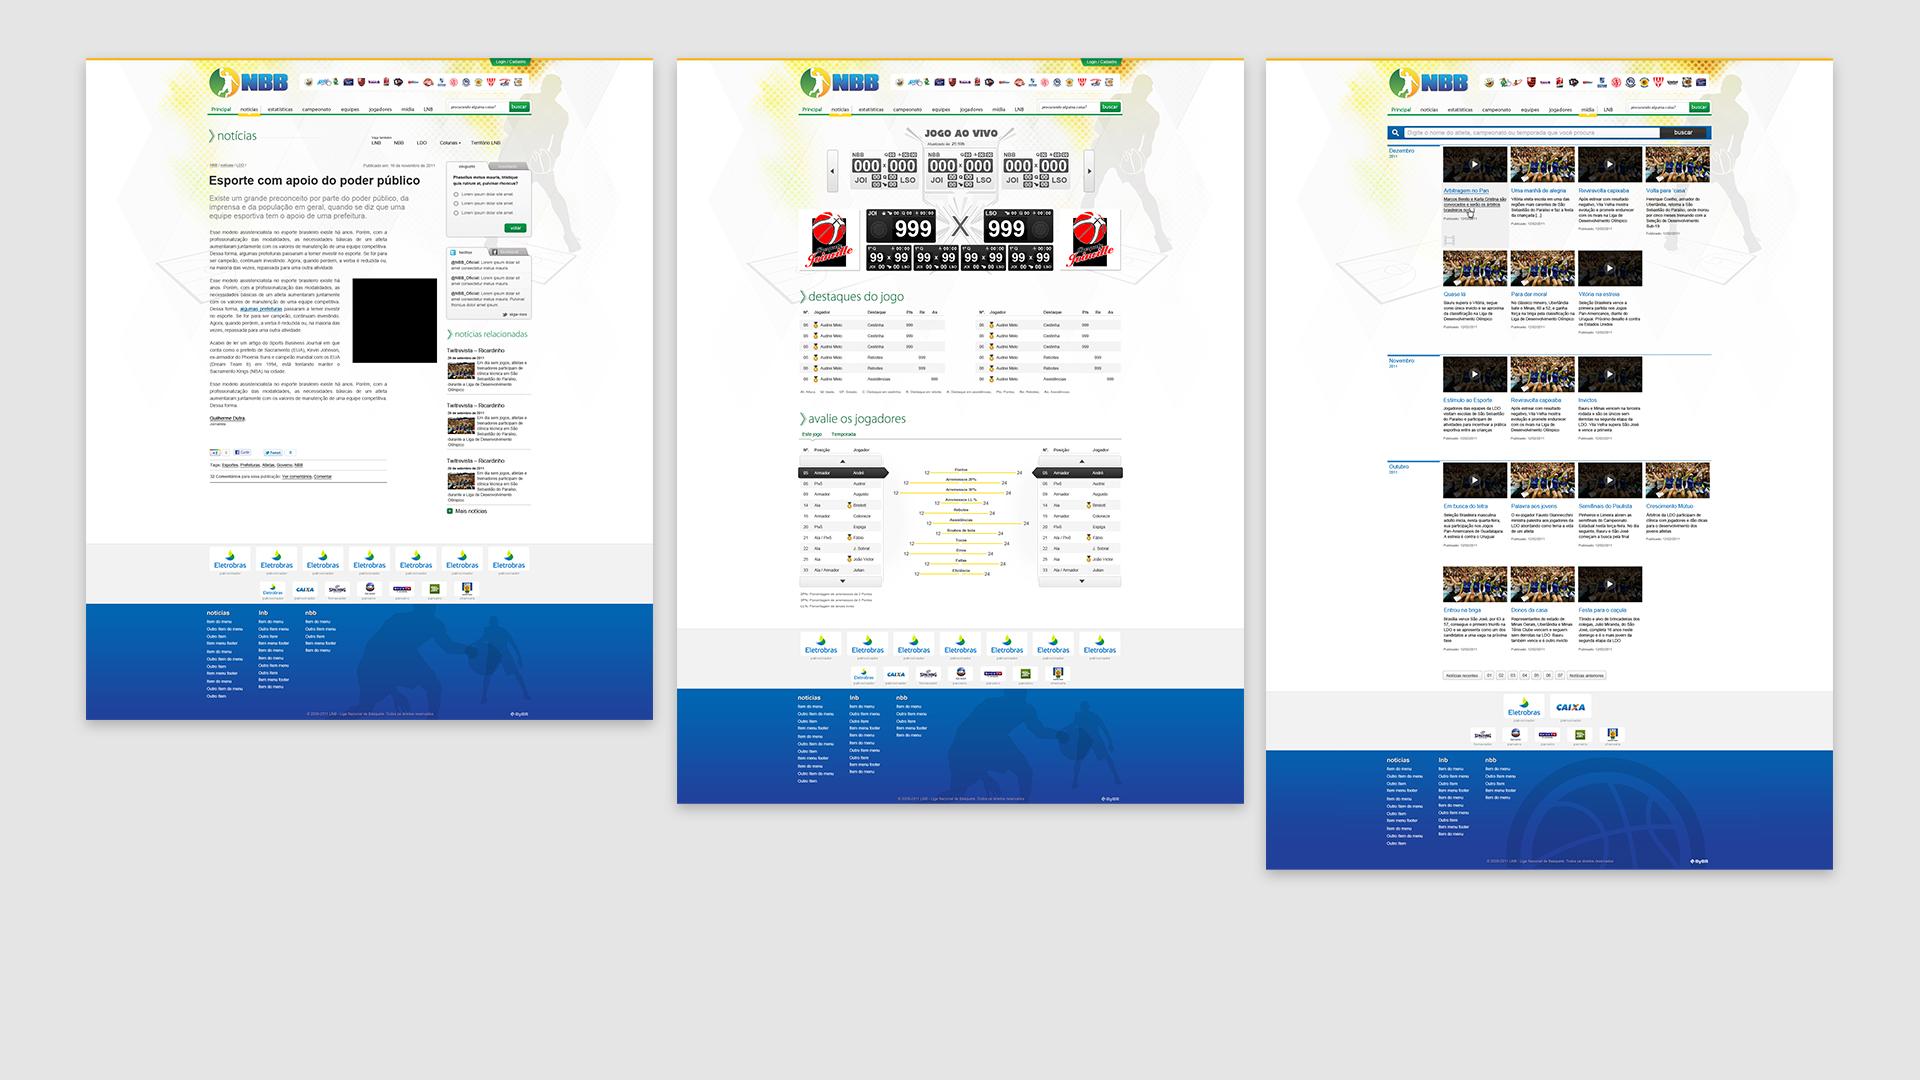 LNB: Notícias; Jogo em tempo real e Galeria de mídia